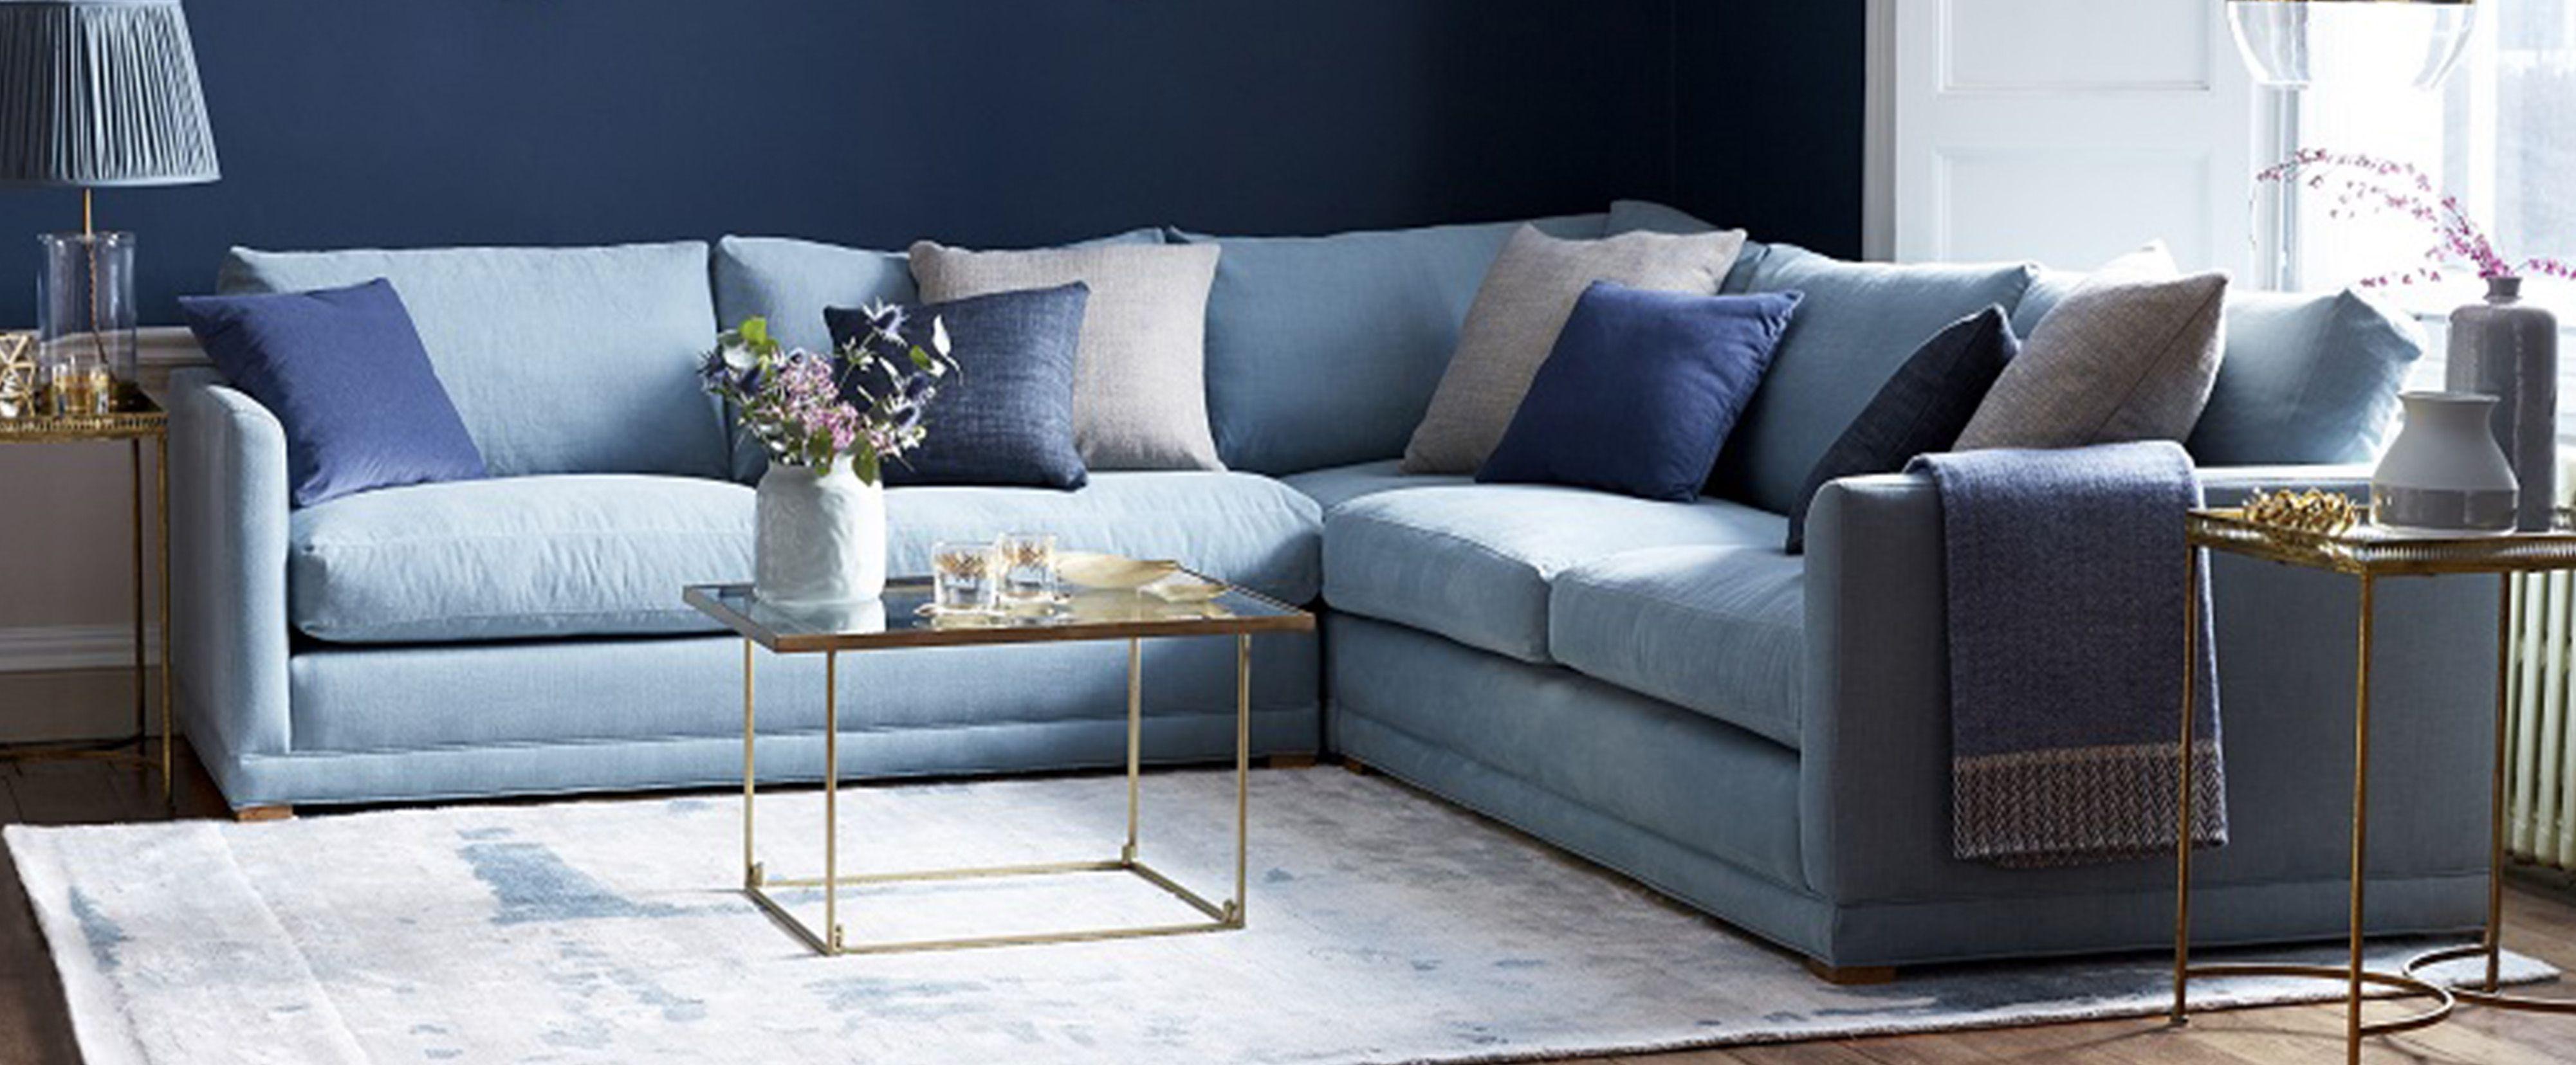 large-corner-sofas.jpg